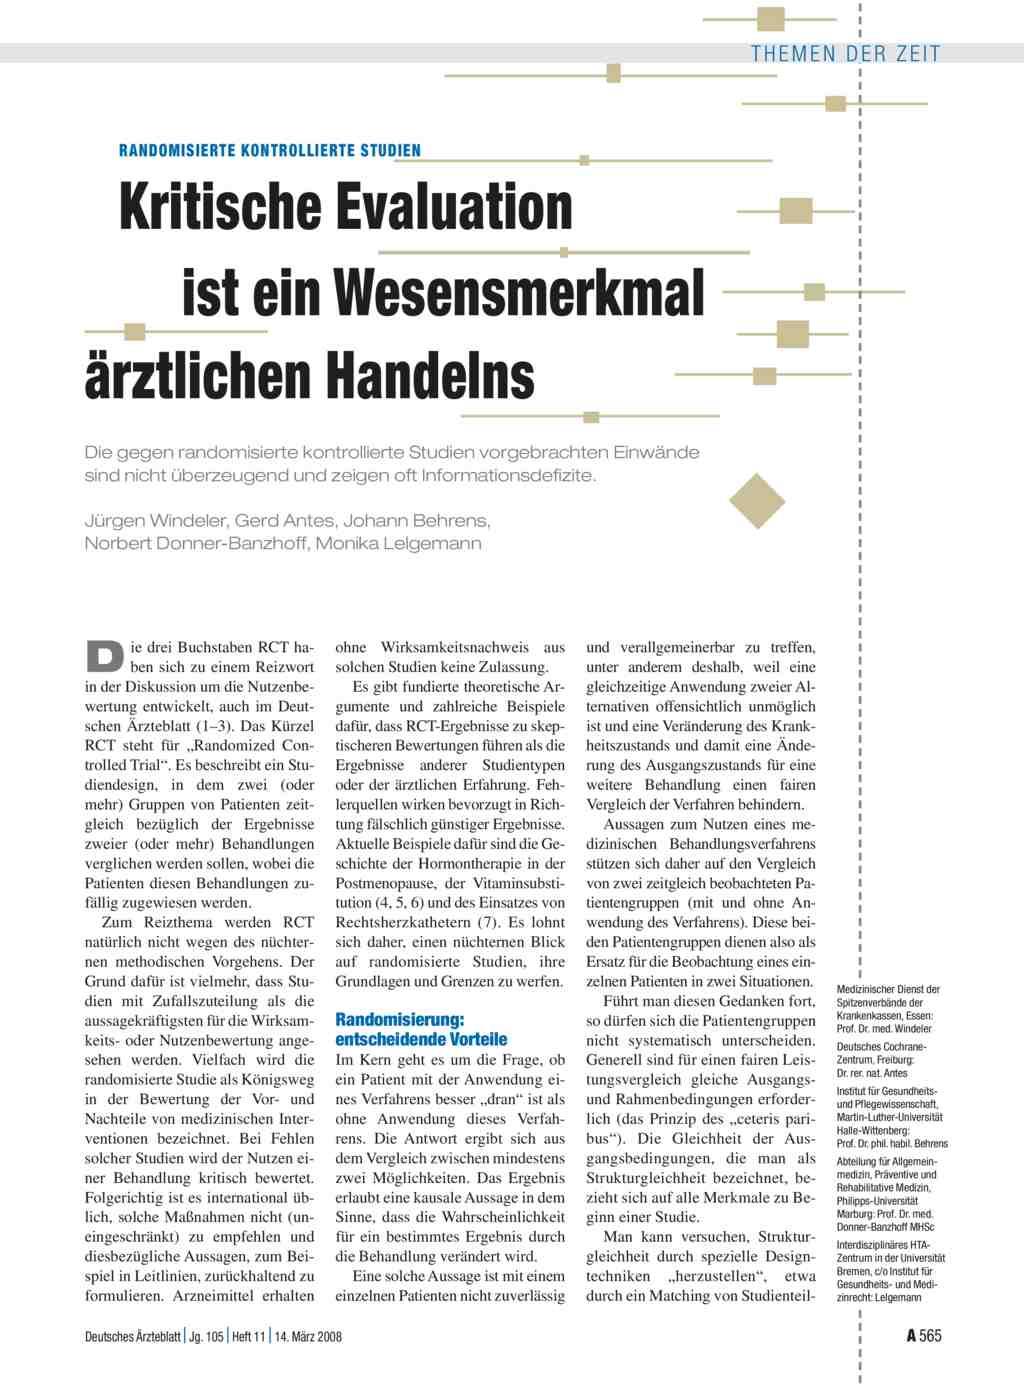 Randomisierte kontrollierte Studien: Kritische Evaluation ist ein ...